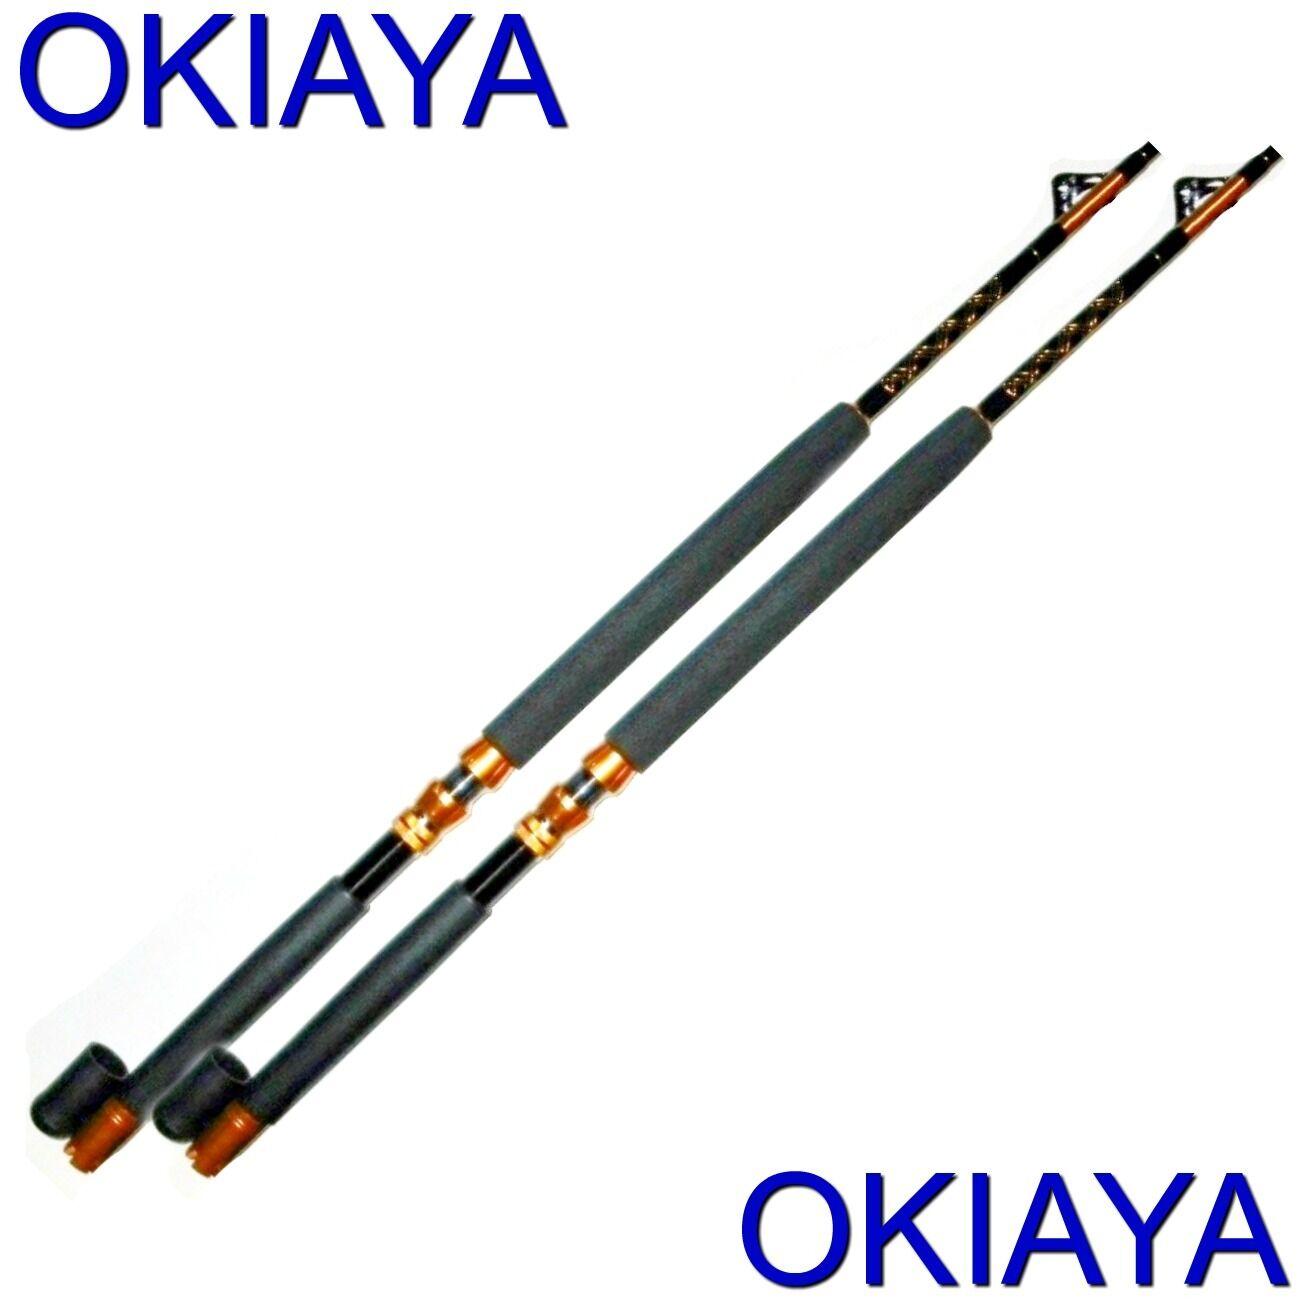 Saltwater Cañas de pesCoche 30-50LB (2 Pack) Okiaya  Slayer  postes para Penn Shimano